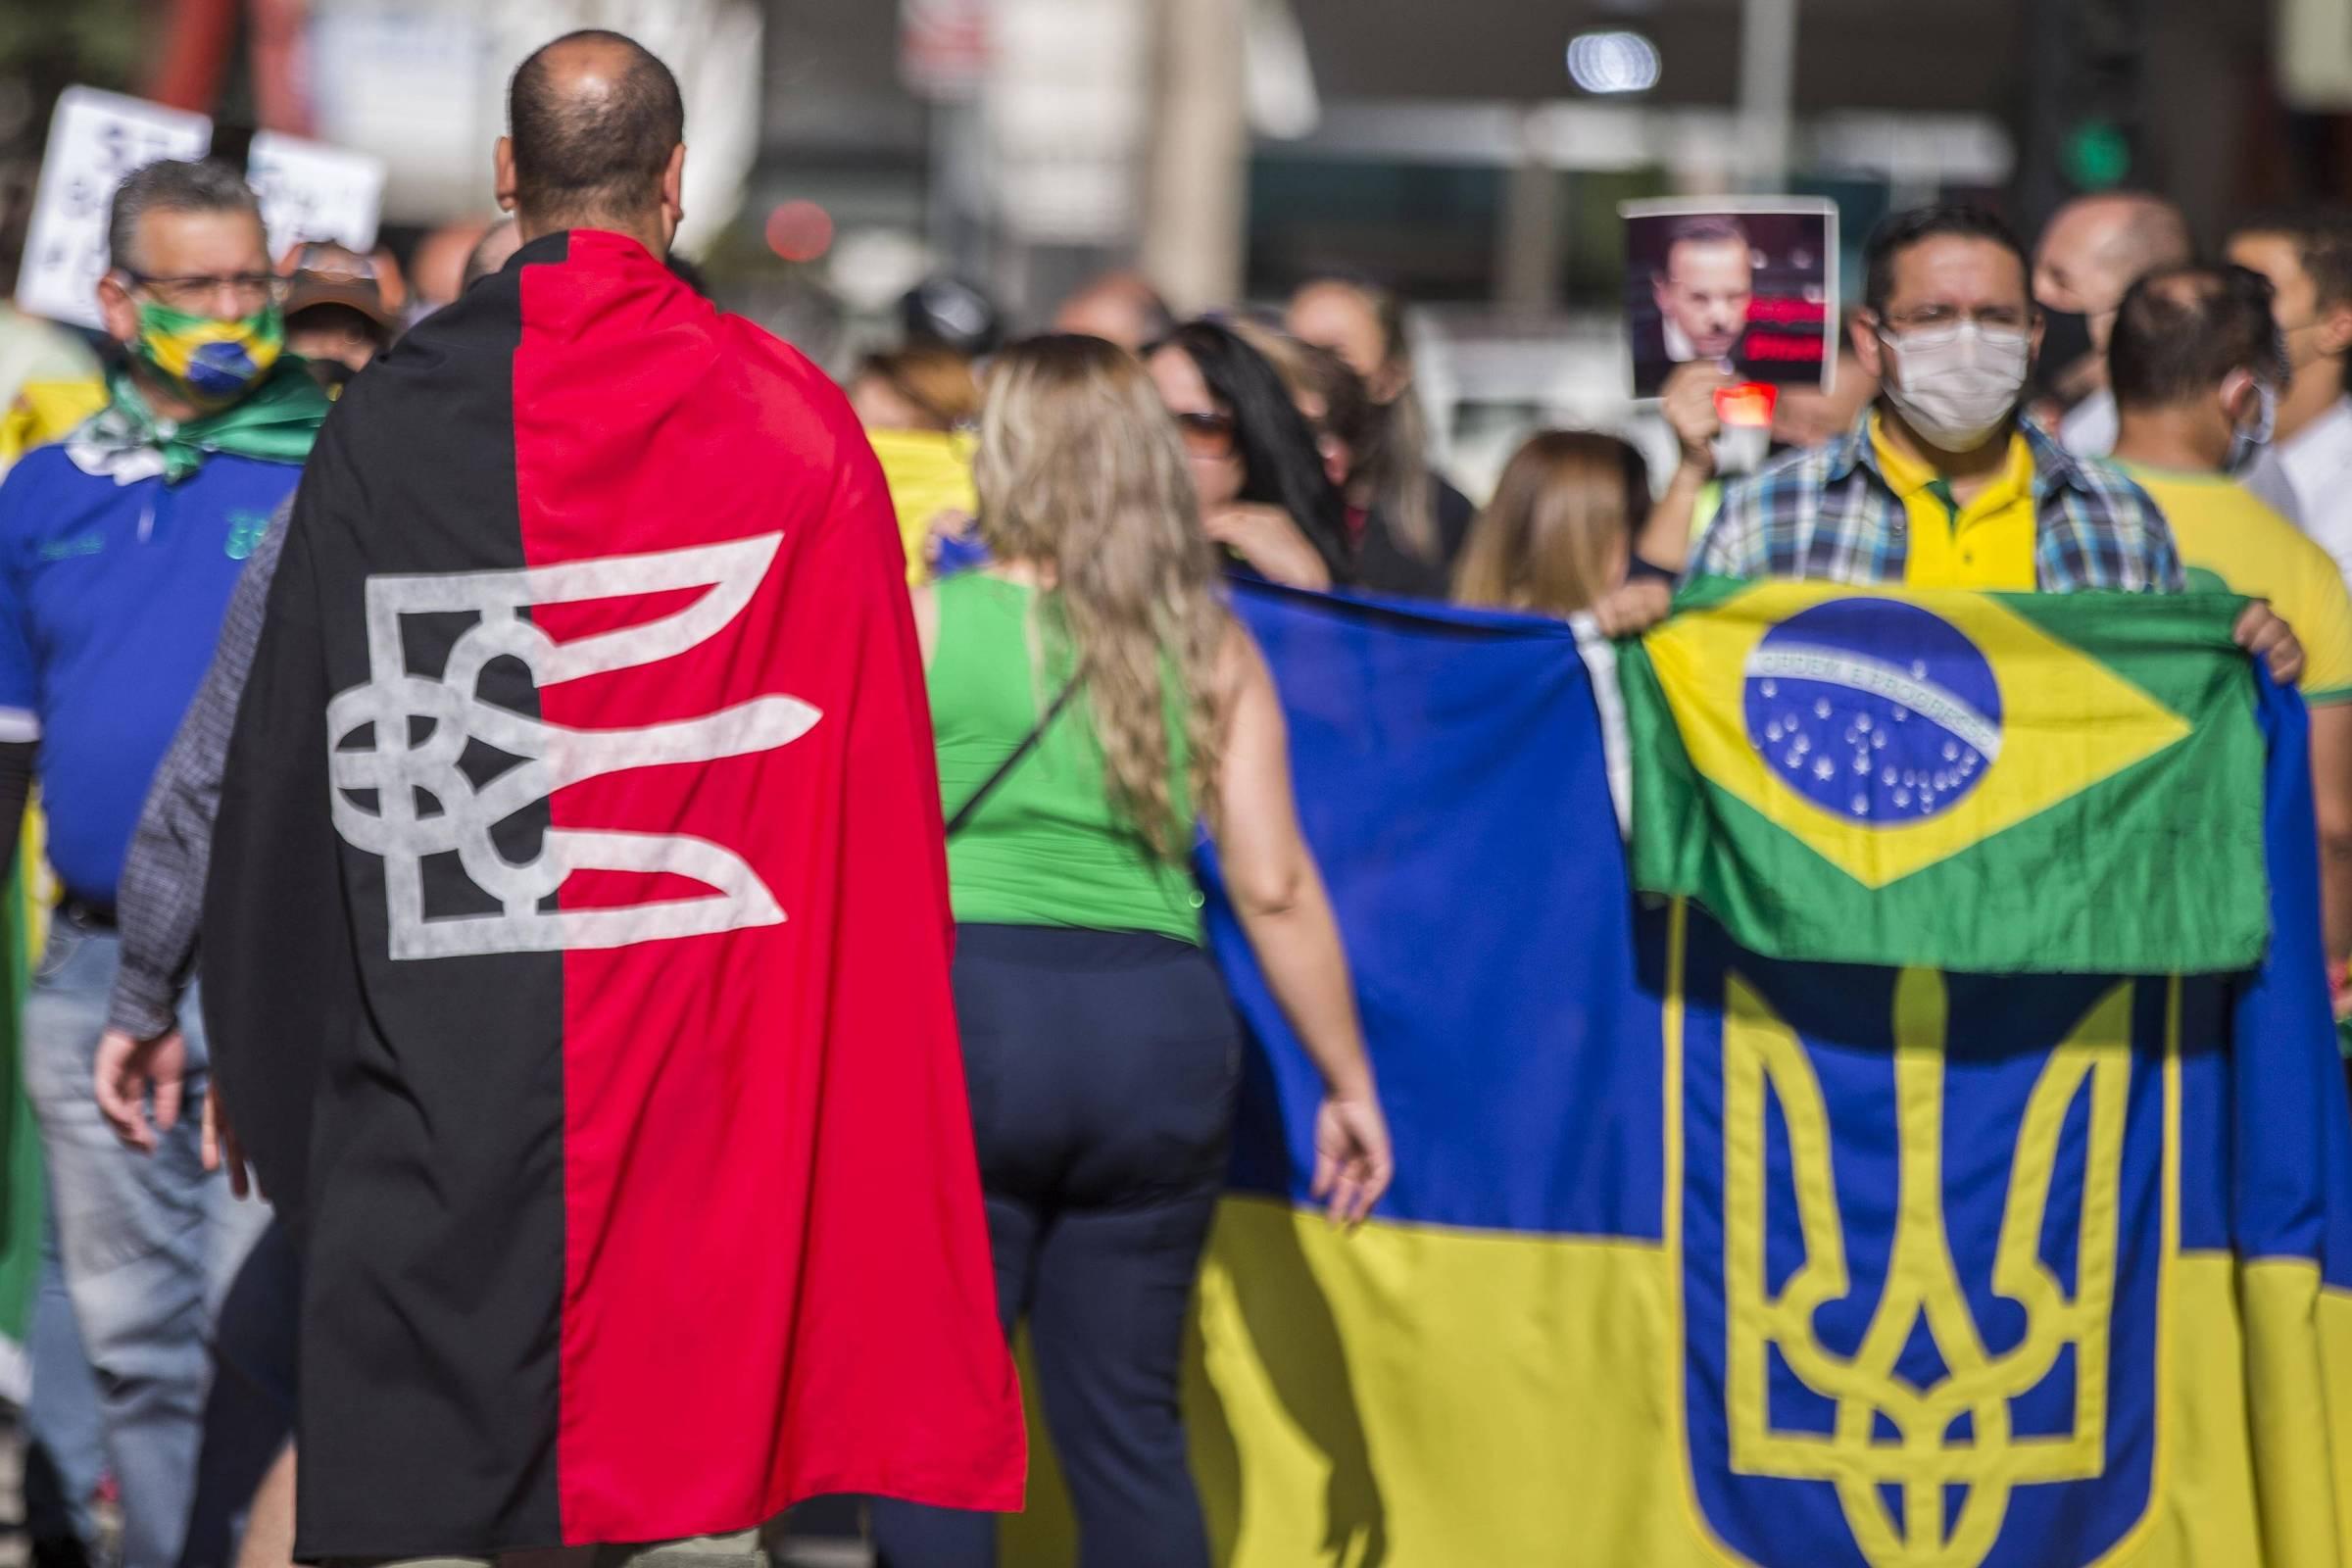 A socialização entre os bolonistas e o grupo neonazista ucraniano perturba a Rússia - 31 de maio de 2020. - O mundo